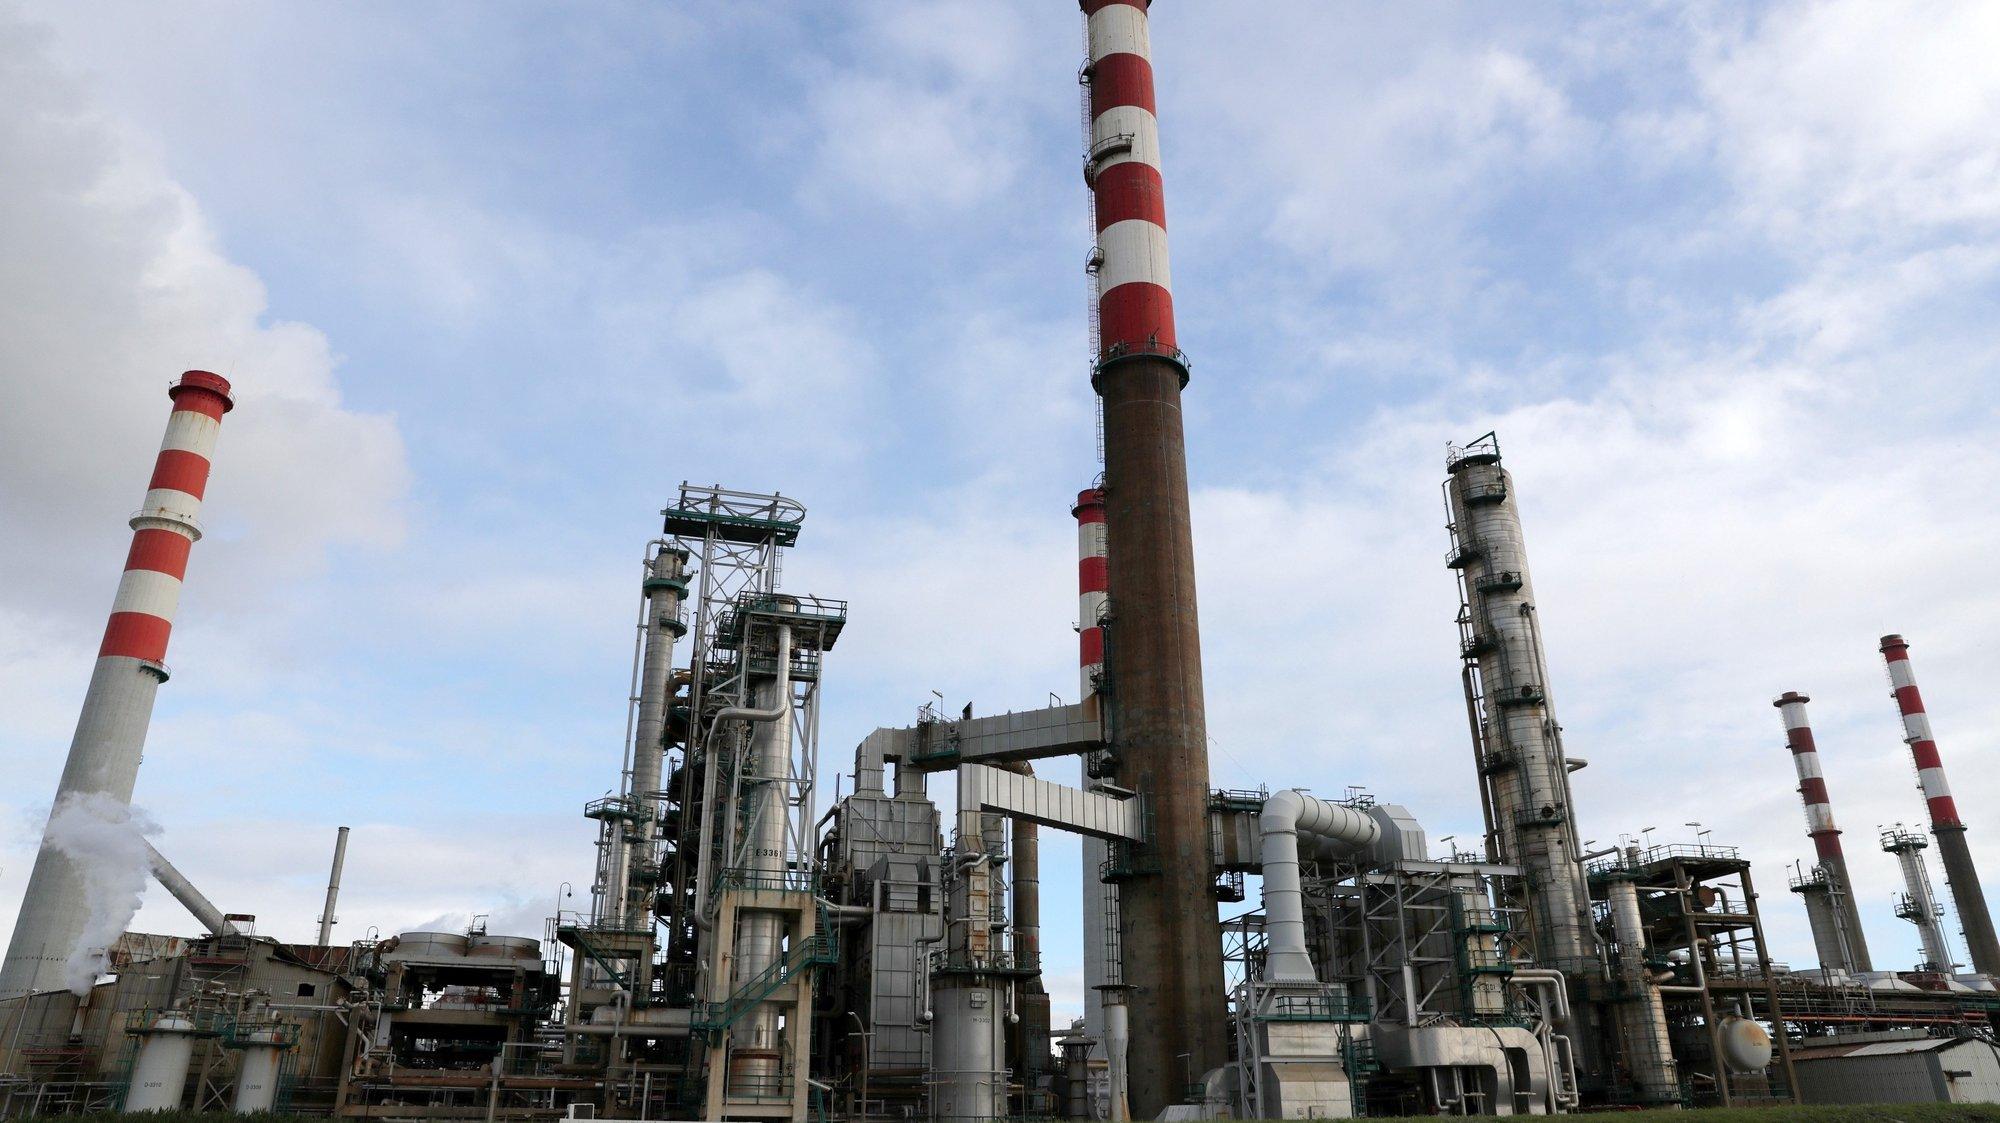 Refinaria da Petrogal em Matosinhos, 30 de dezembro de 2020. Os trabalhadores reúnem-se hoje nas instalações da empresa para participar no plenário convocado para debater o fim da refinação em Matosinhos, anunciada pela Galp, ESTELA SILVA/LUSA